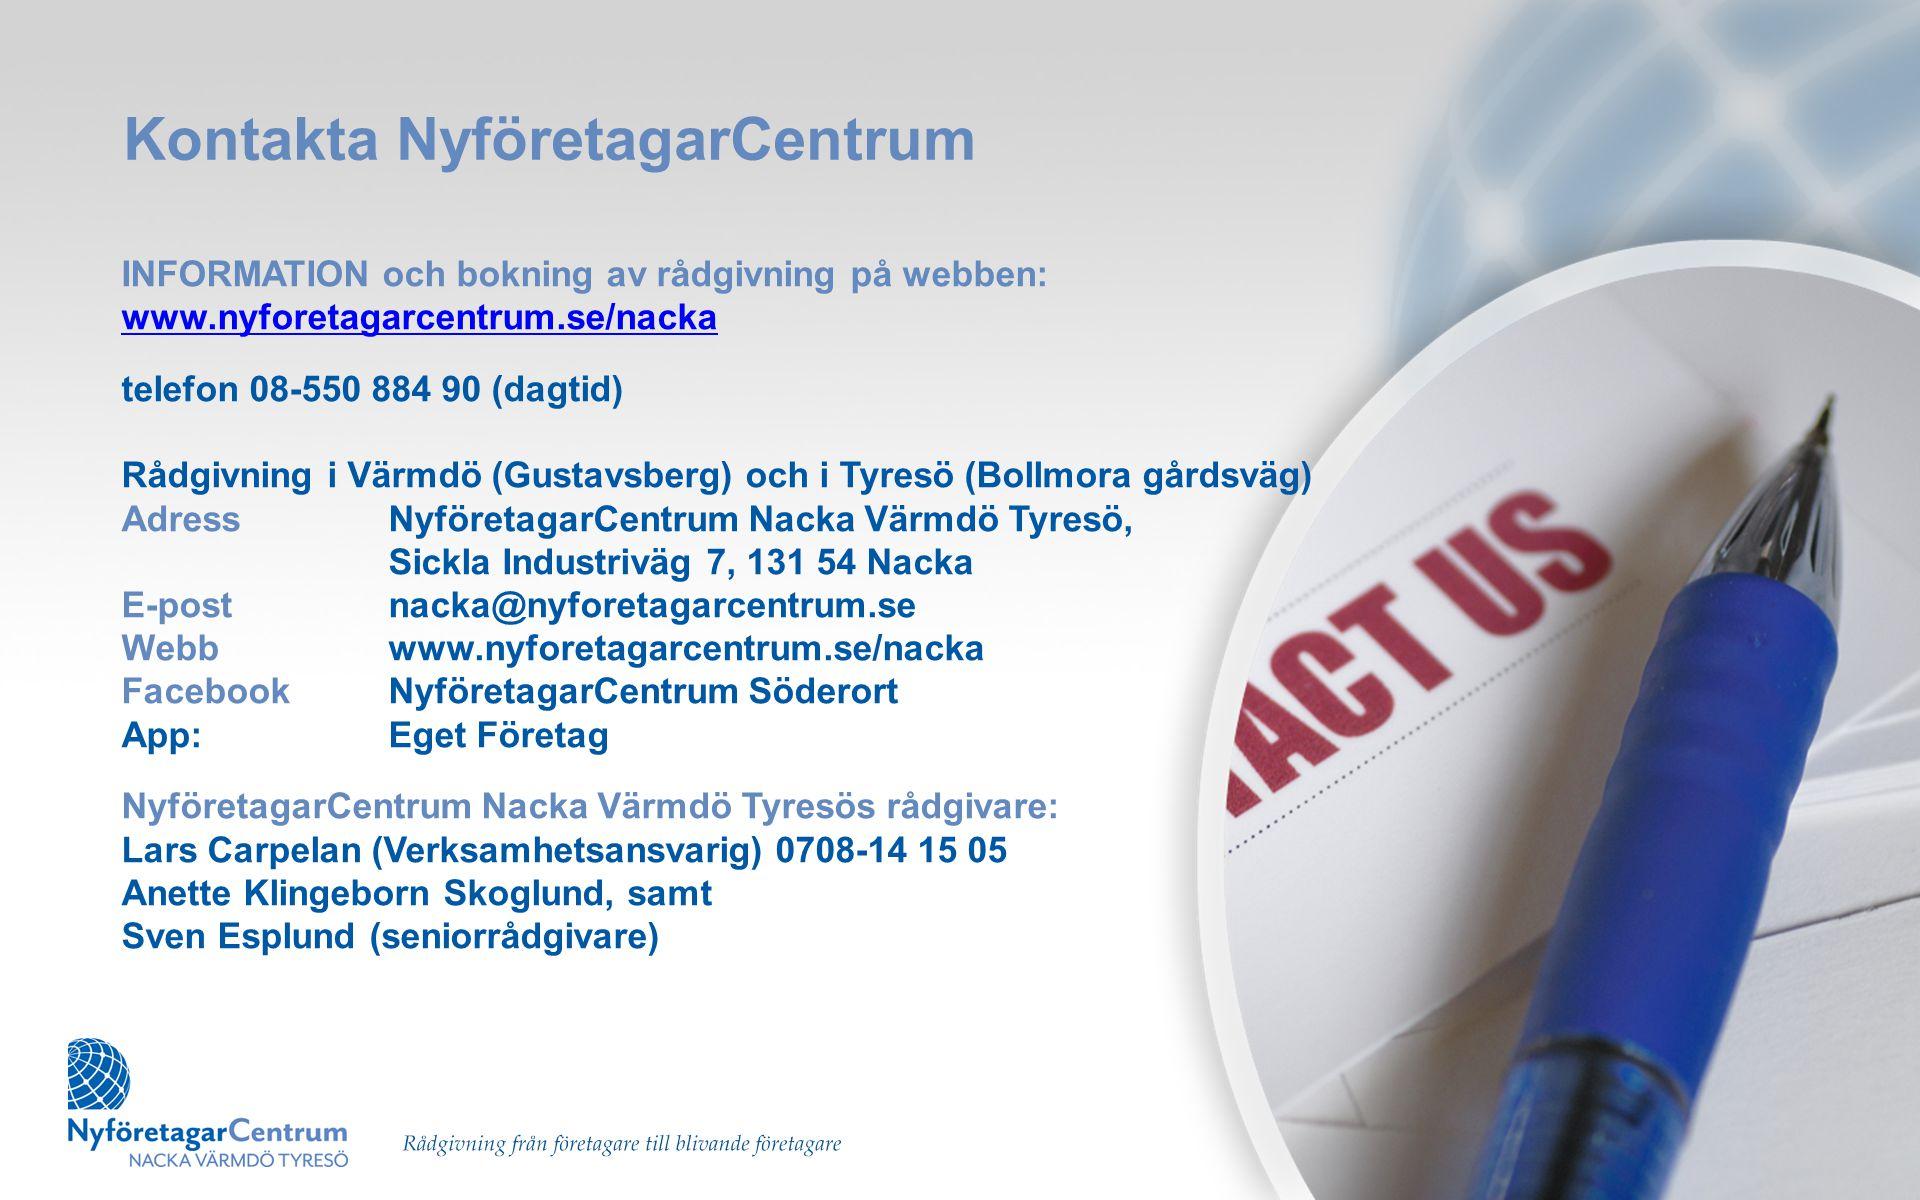 Kontakta NyföretagarCentrum